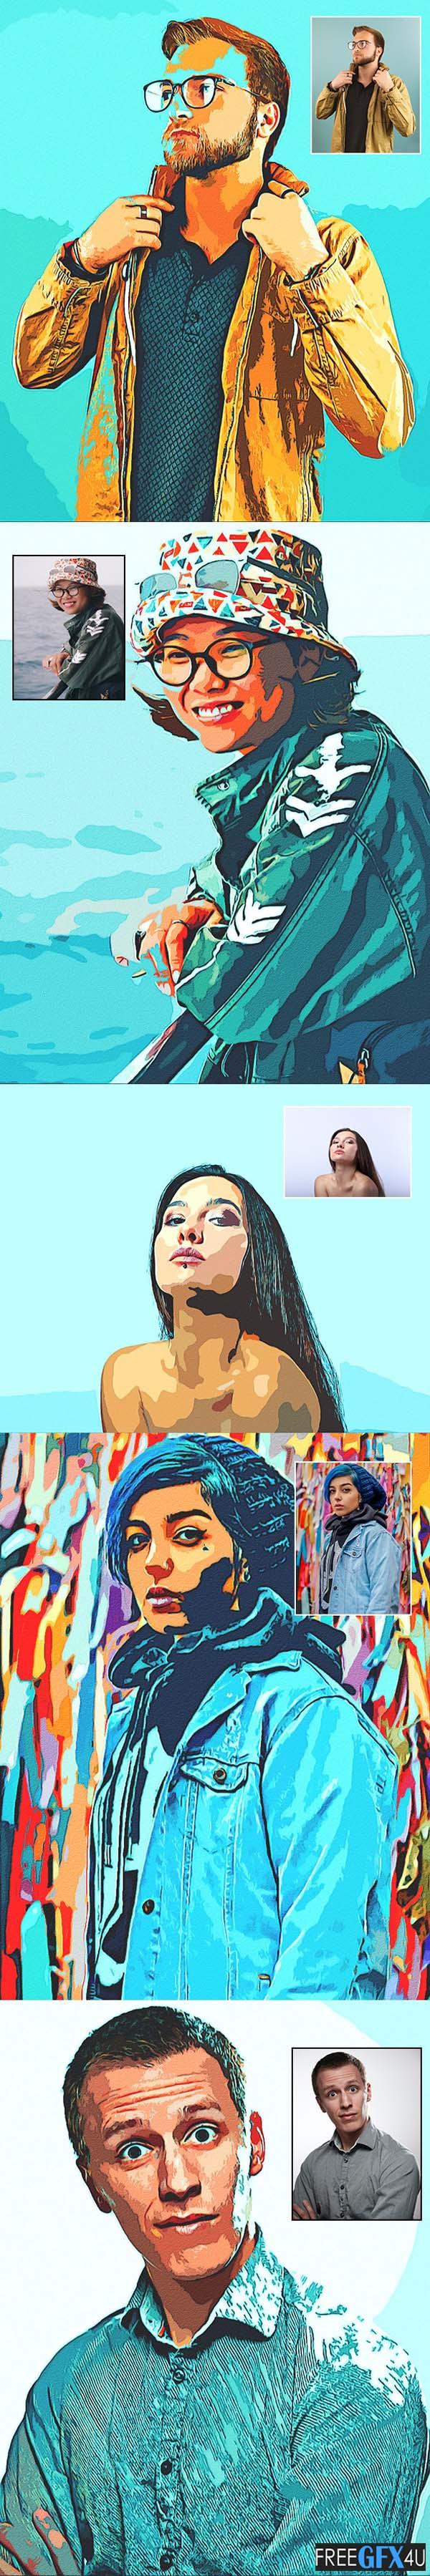 Retro Oil Paint - Photoshop Action